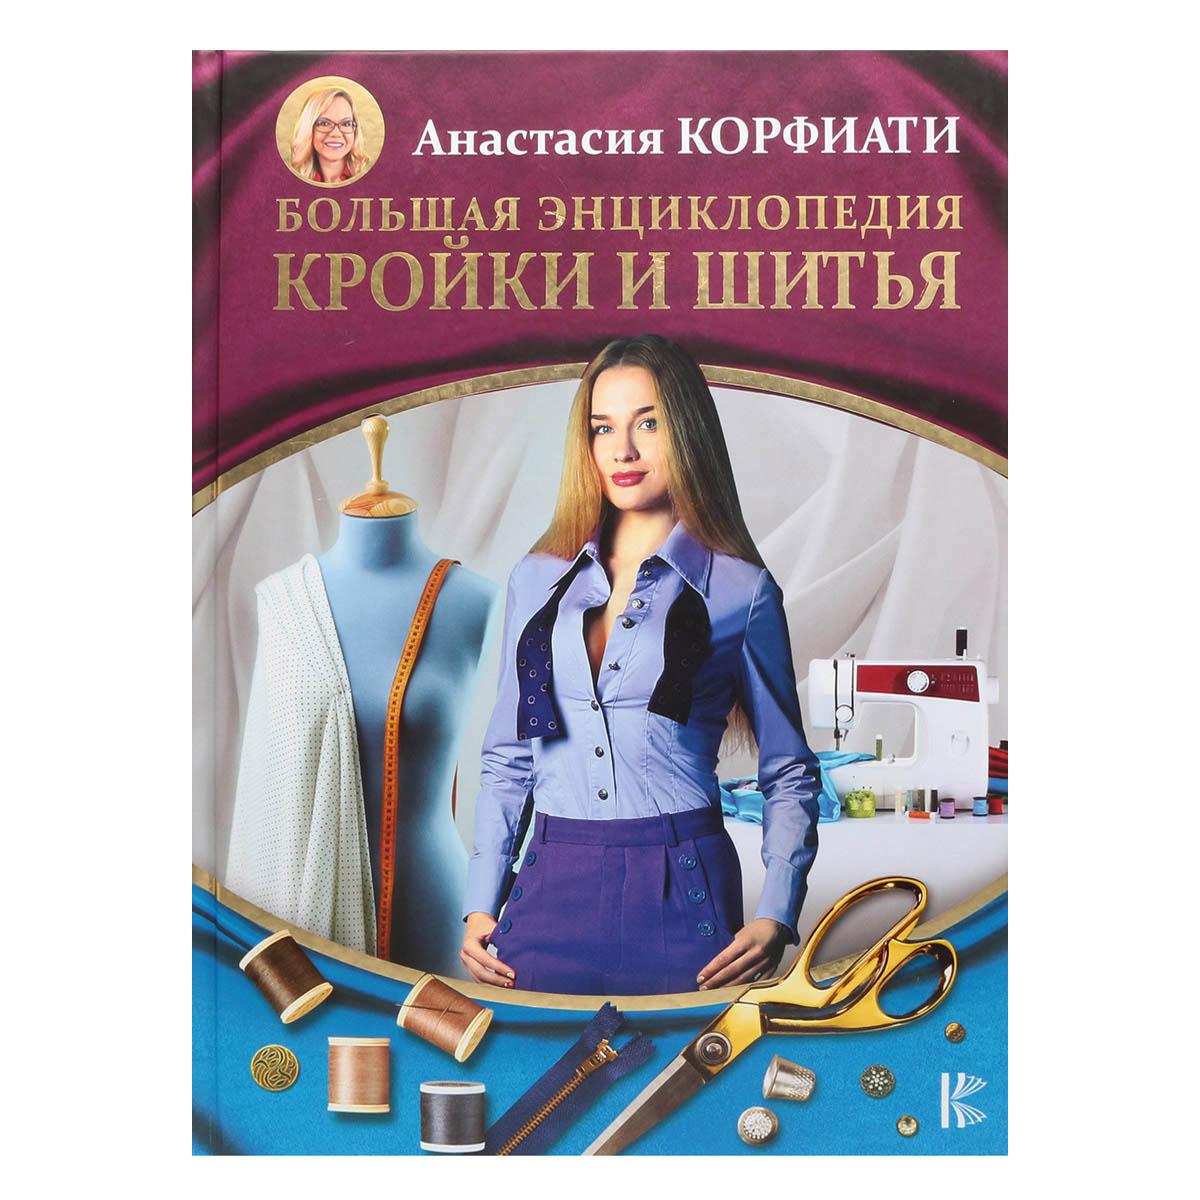 Большая энциклопедия кройки и шитья. А.Корфиати.